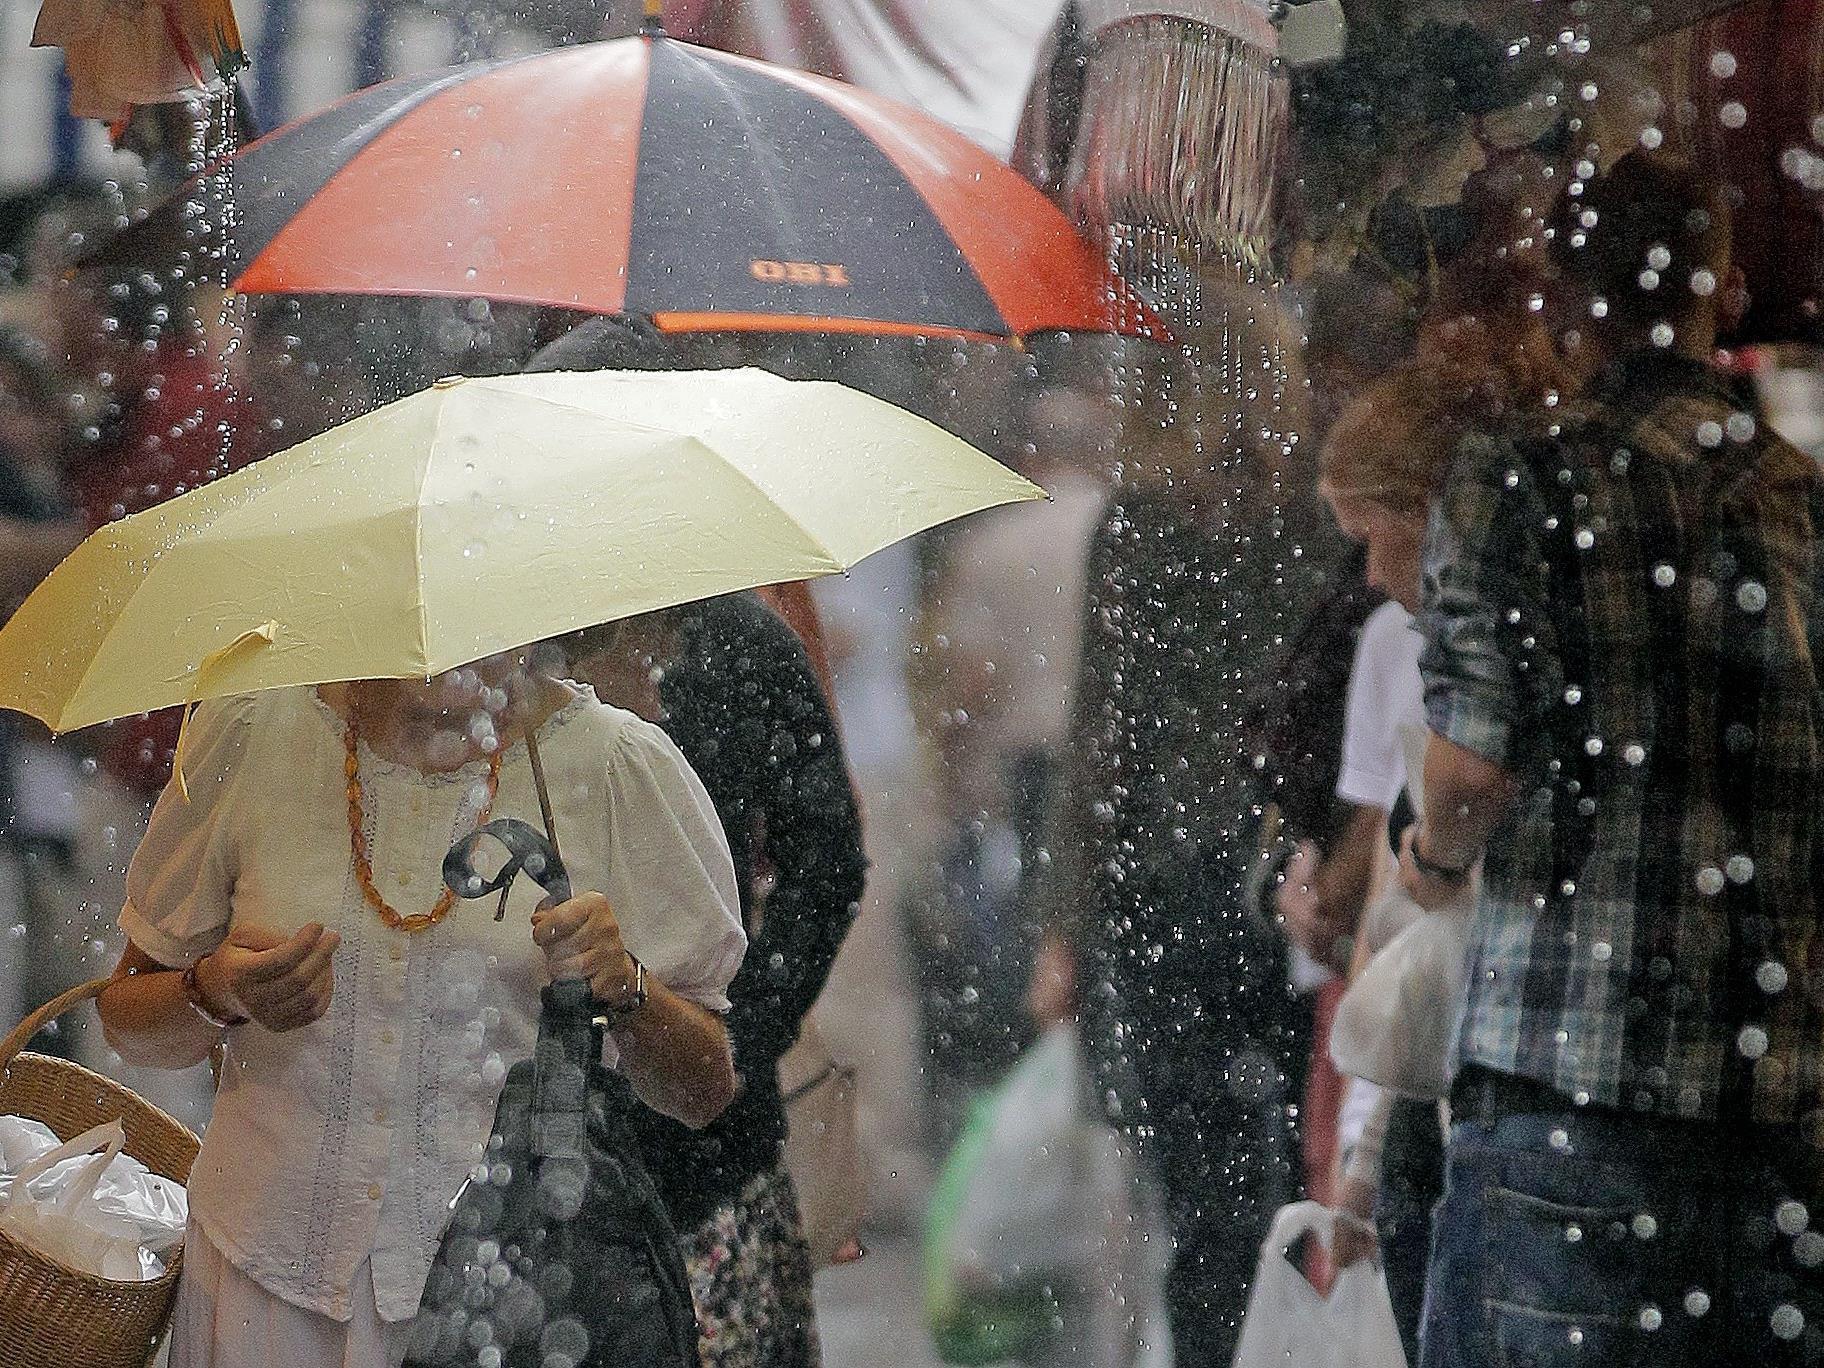 Regen und Gewitter erwarten uns nach der Hitze vom Wochenende.